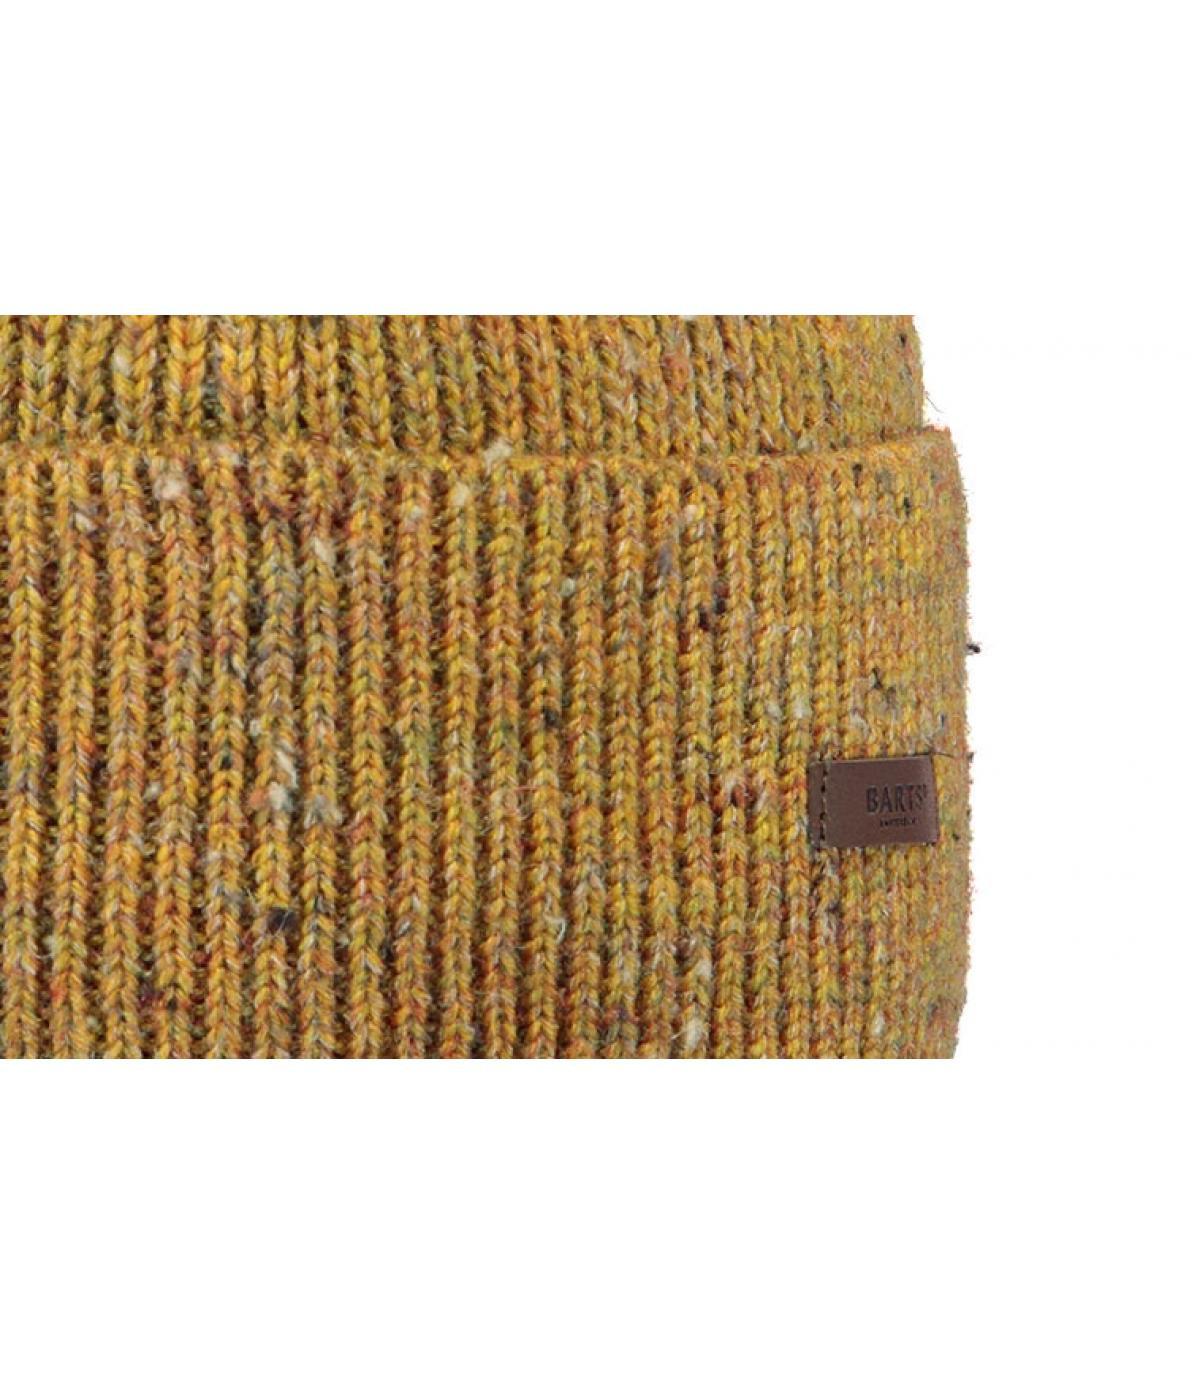 Detalles Callac Beanie yellow imagen 3